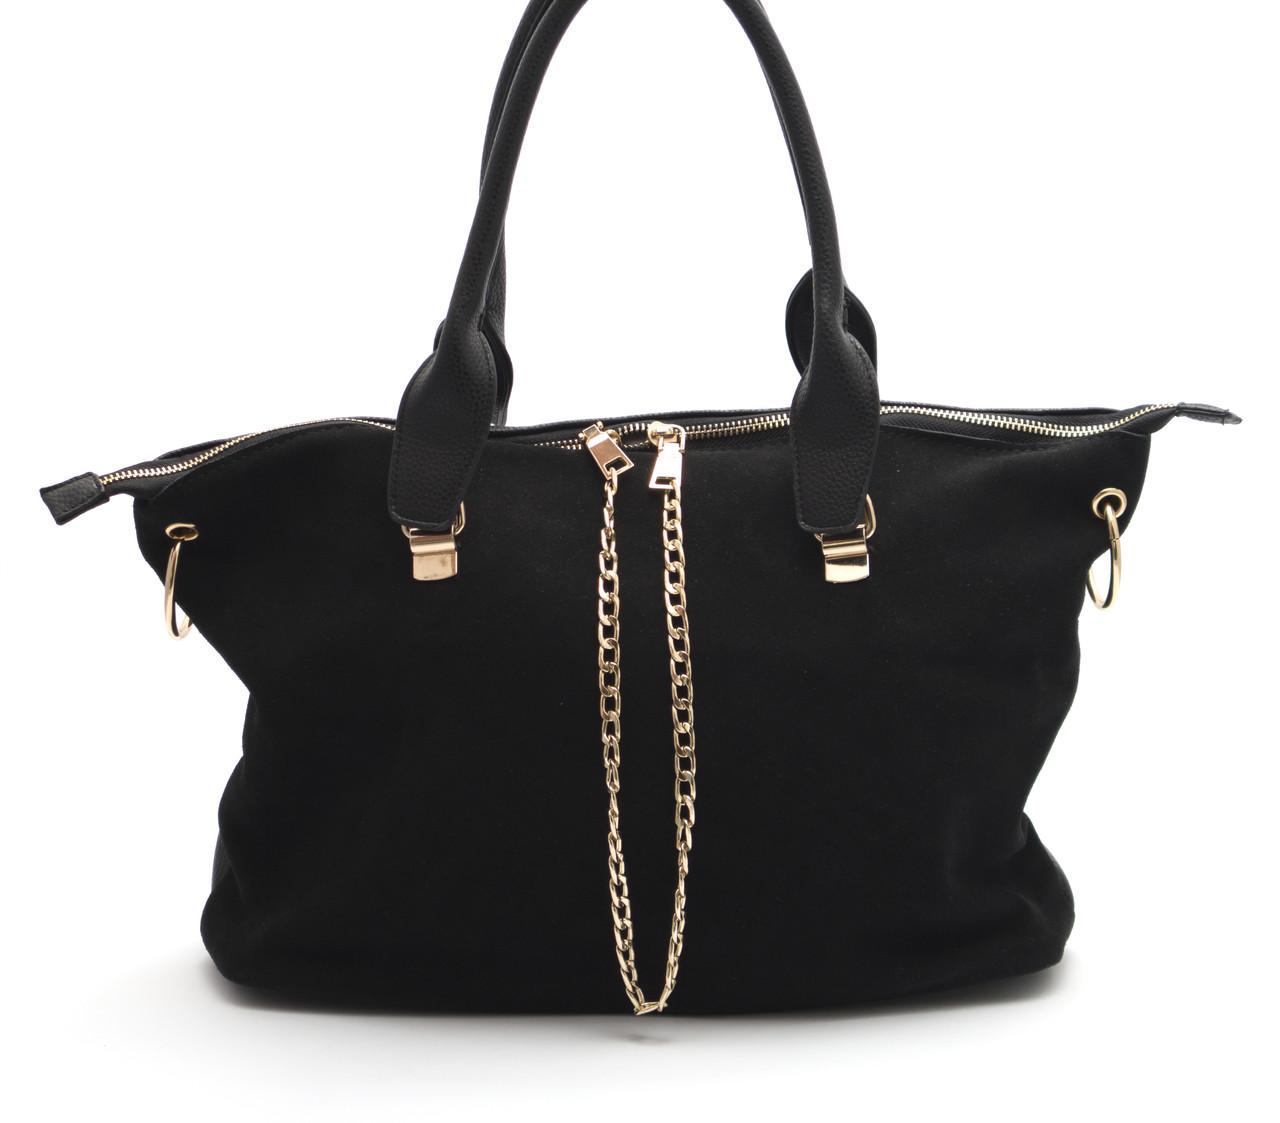 Черная женская замшевая сумка с декоративными цепями Б/Н art. 6117-1